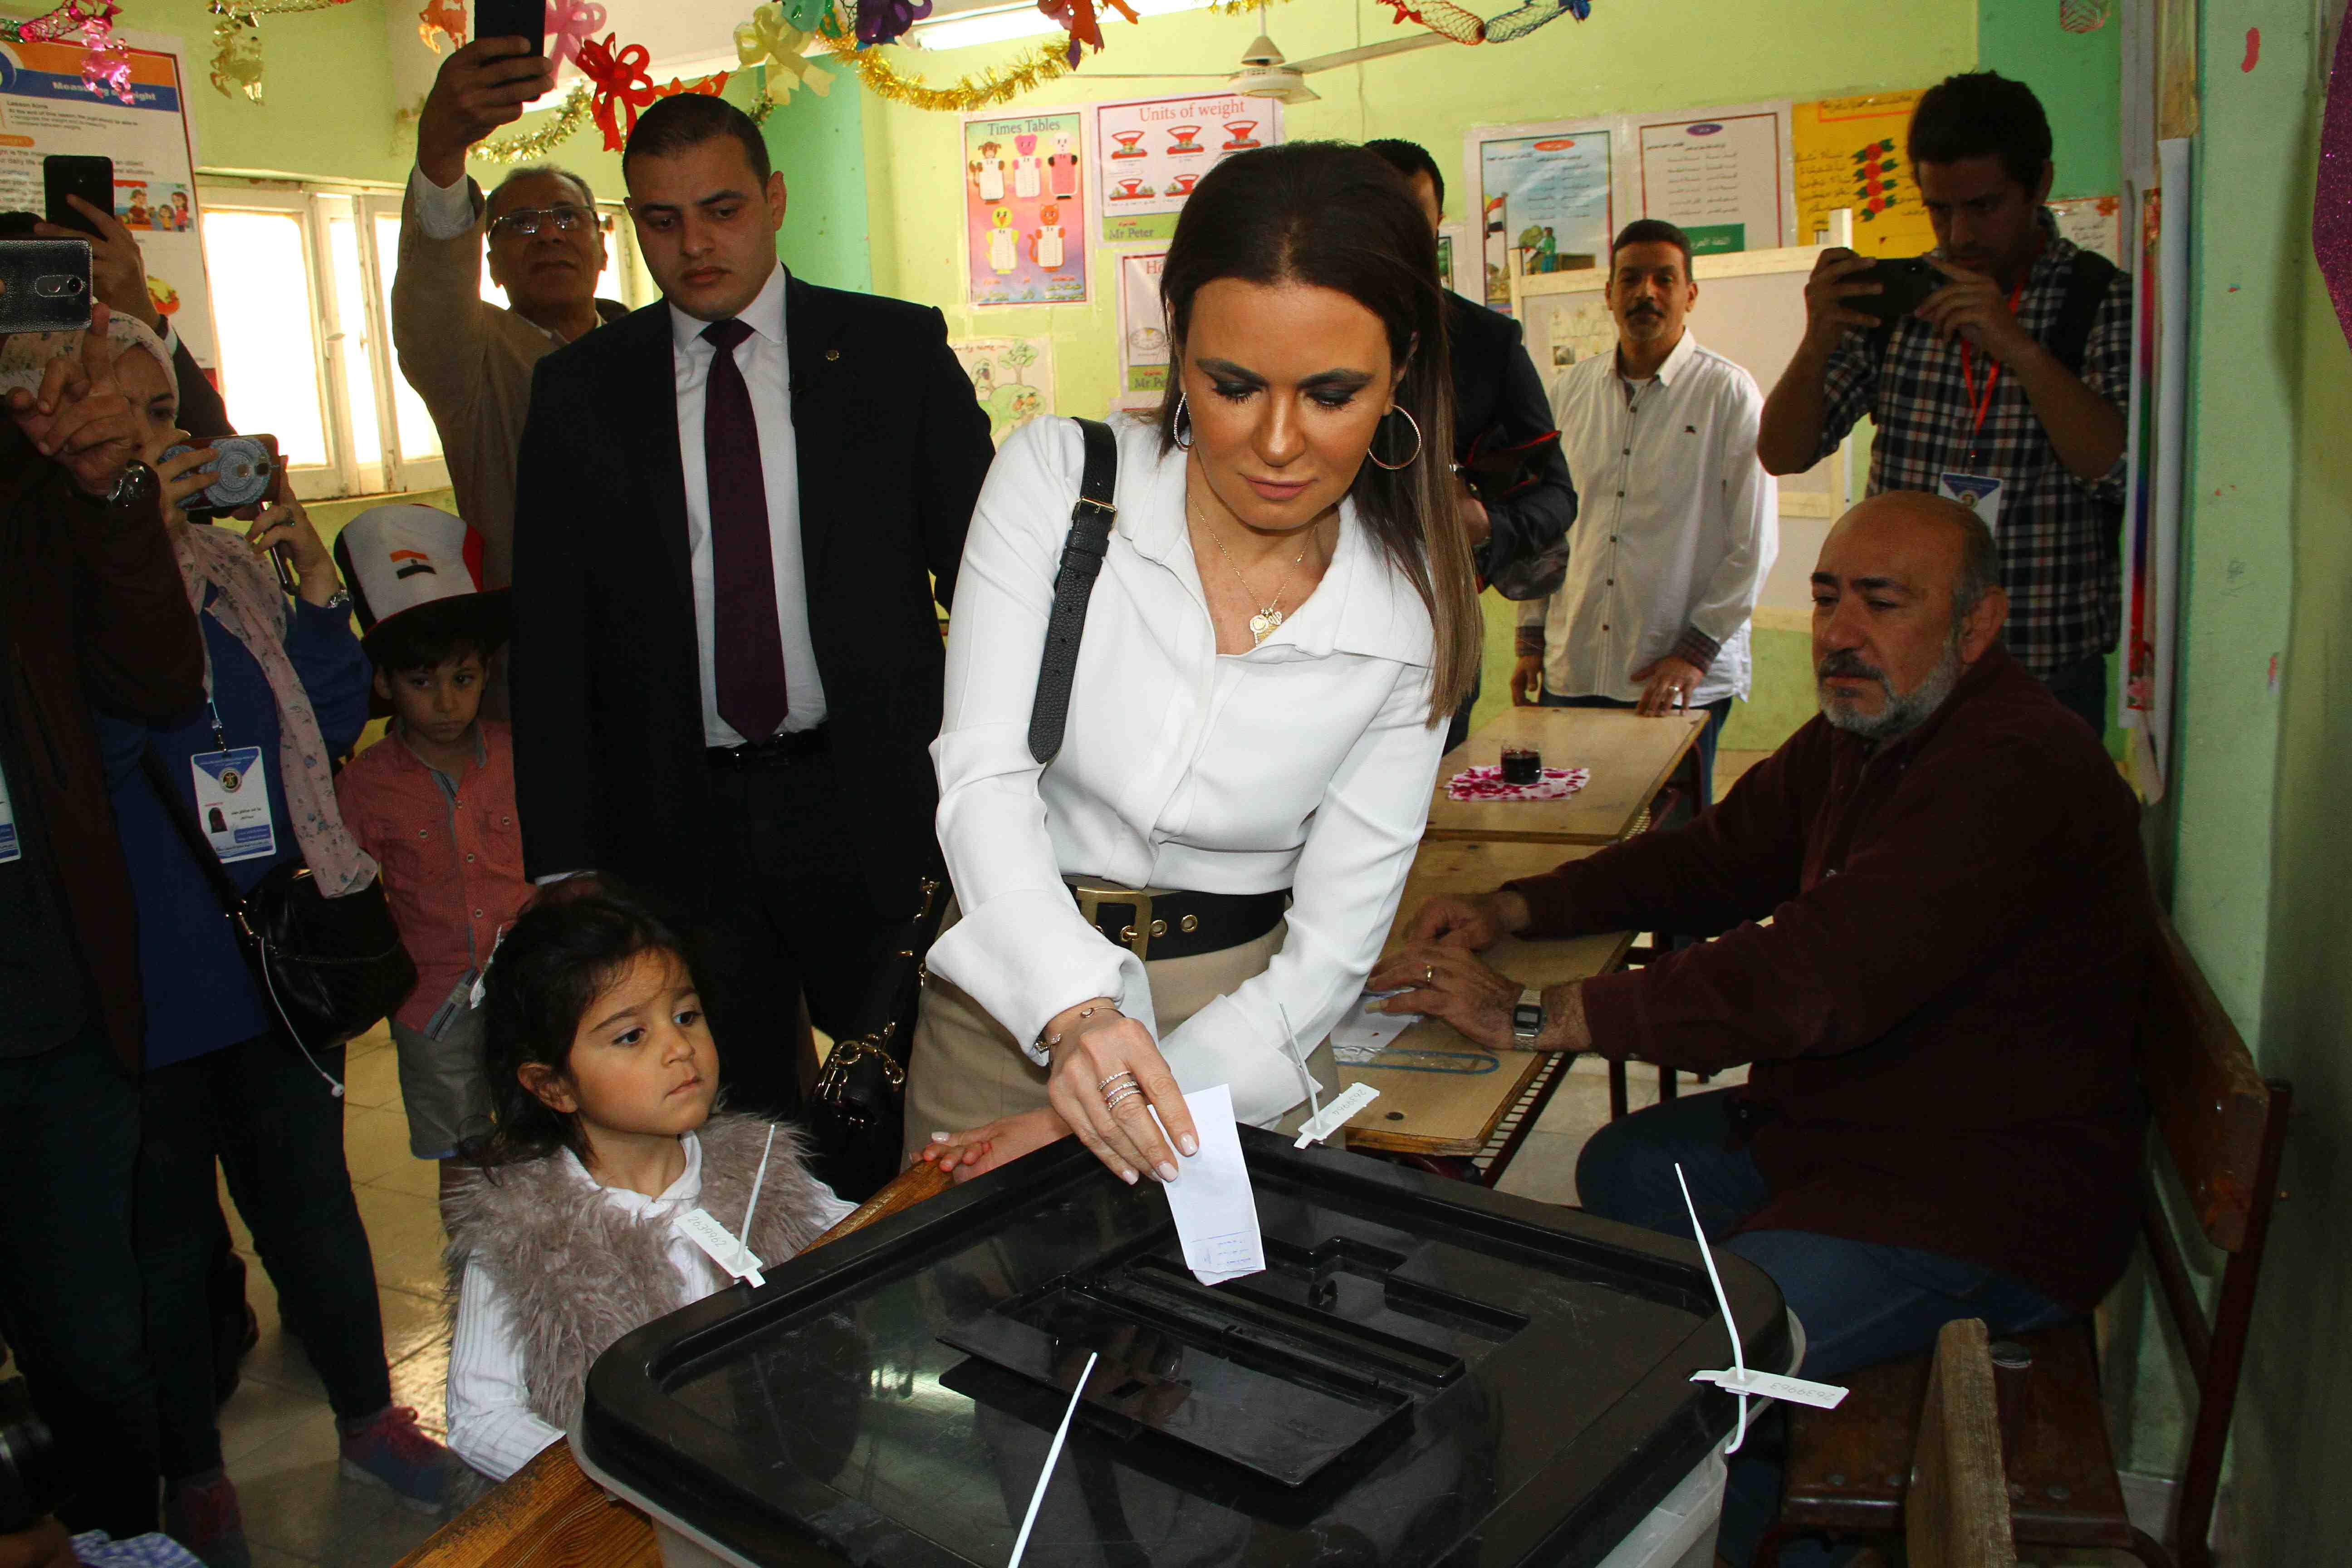 وزيرة الاستثمار تصطحب حفيدتها فى التصويت على التعديلات الدستورية9